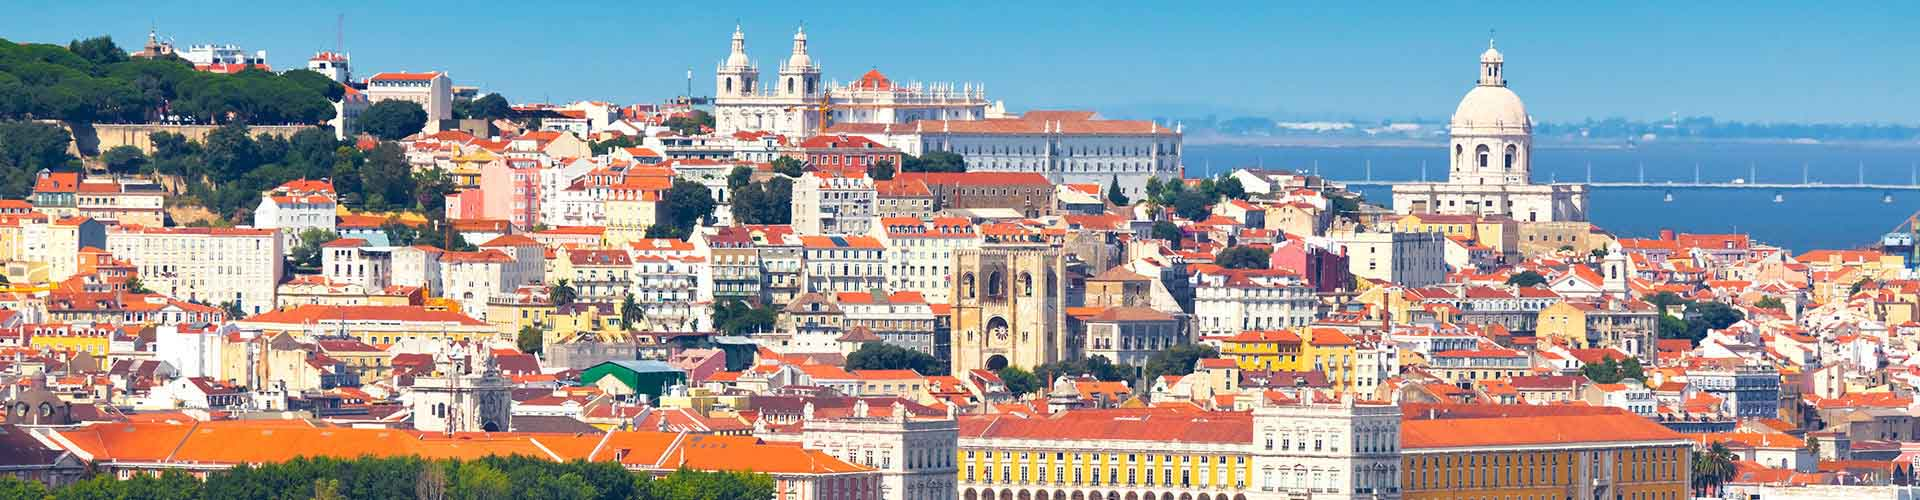 리스본 - Church of Nossa Senhora da Conceição Velha에 가까운 호텔. 리스본의 지도, 리스본에 위치한 호텔에 대한 사진 및 리뷰.